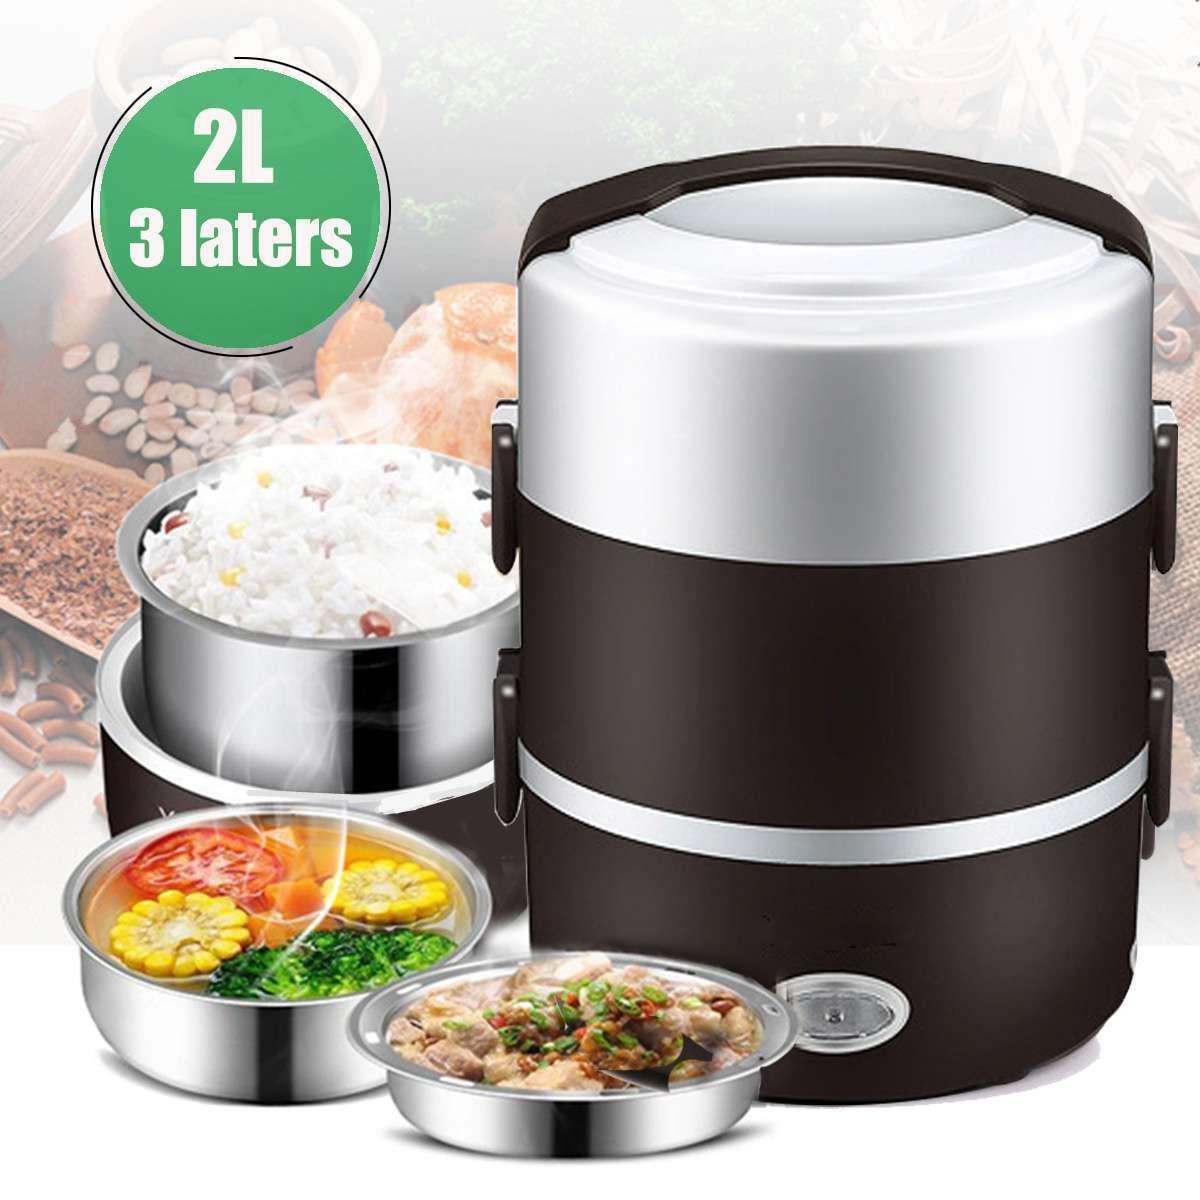 2L 3 camada portátil almoço caixa mini fogão de arroz elétrico refeição refeição térmica aquecimento automático recipiente de alimentos aquecedor cozinhar potenciômetro t200429